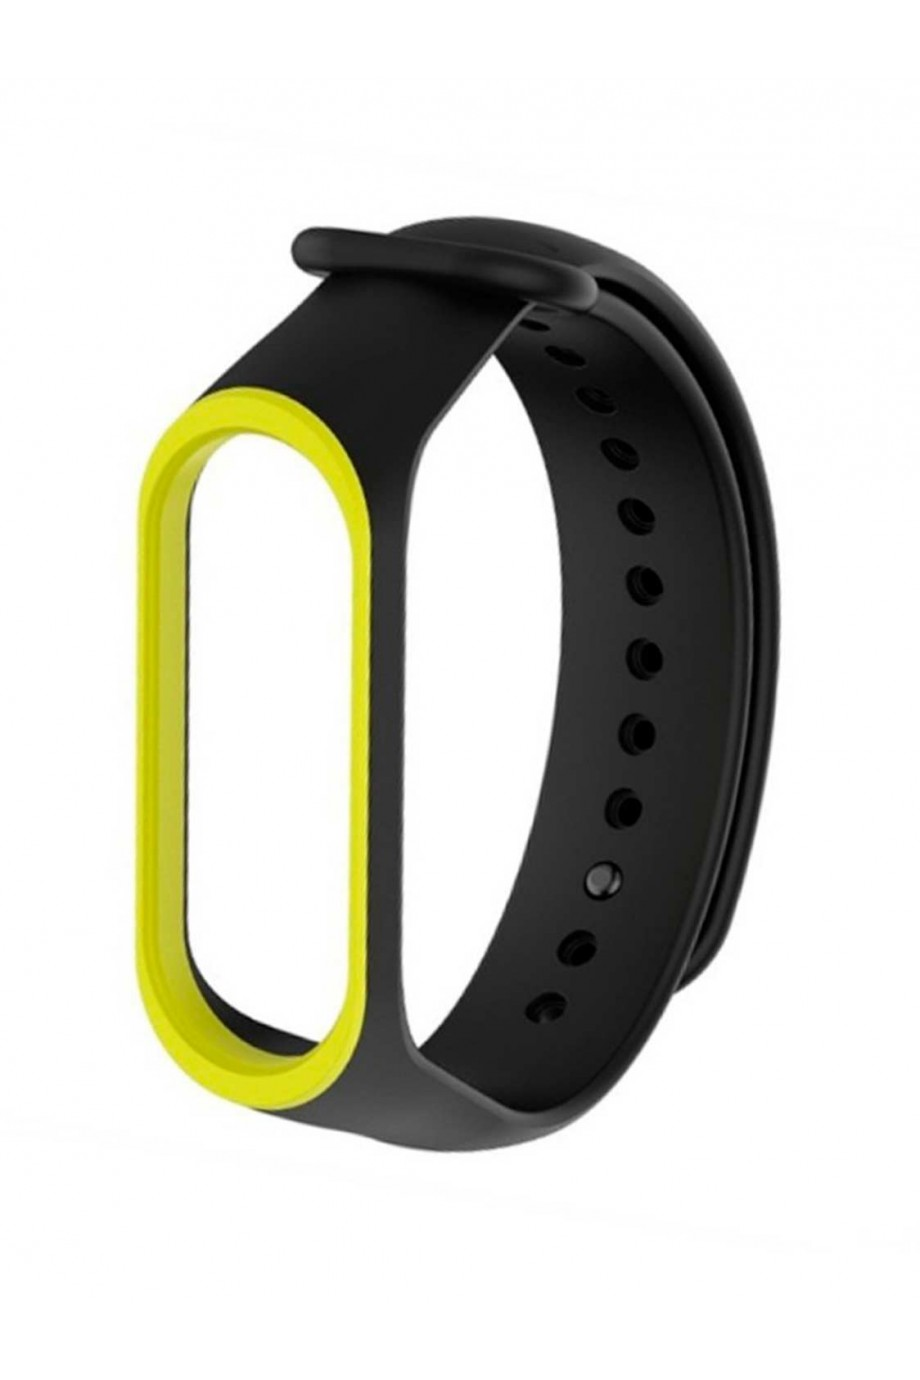 Силиконовый ремешок для Xiaomi Mi Band 3, черный с желтой окантовкой